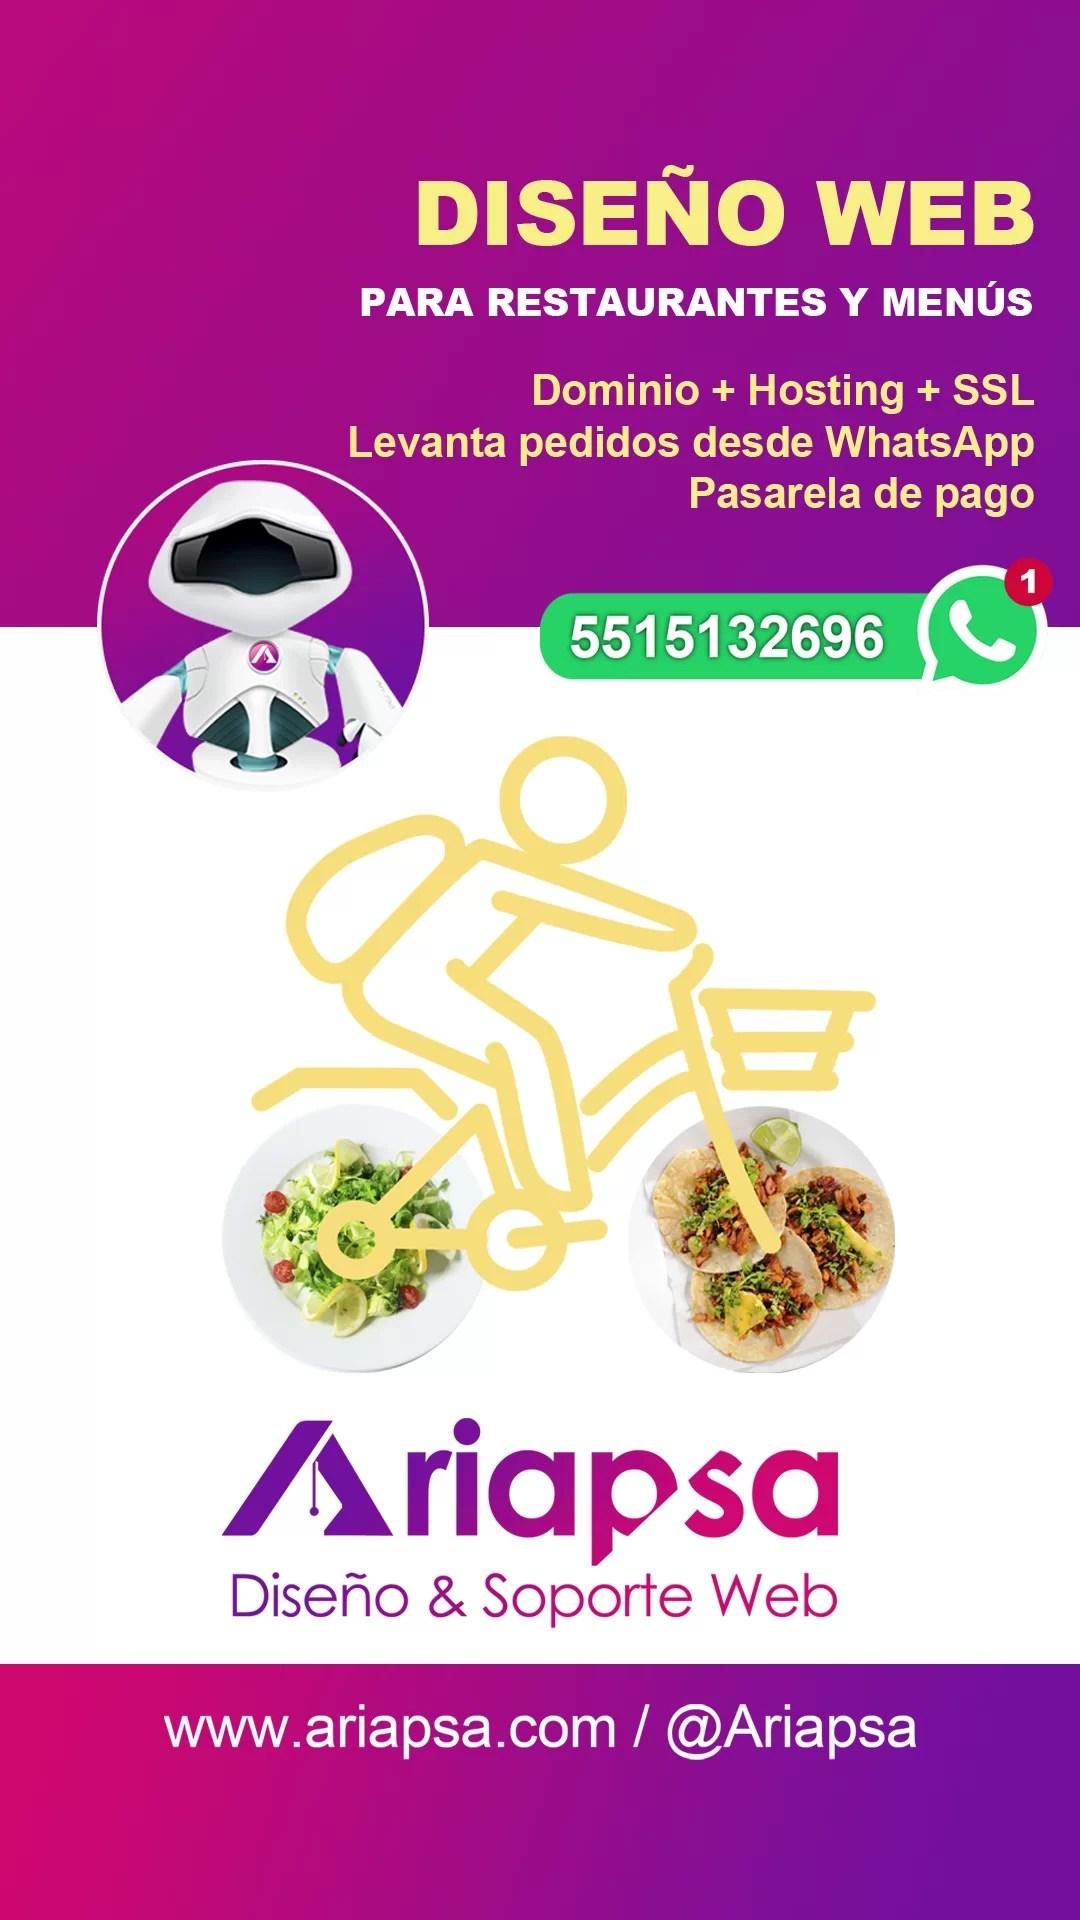 whatsapp menús Ariapsa